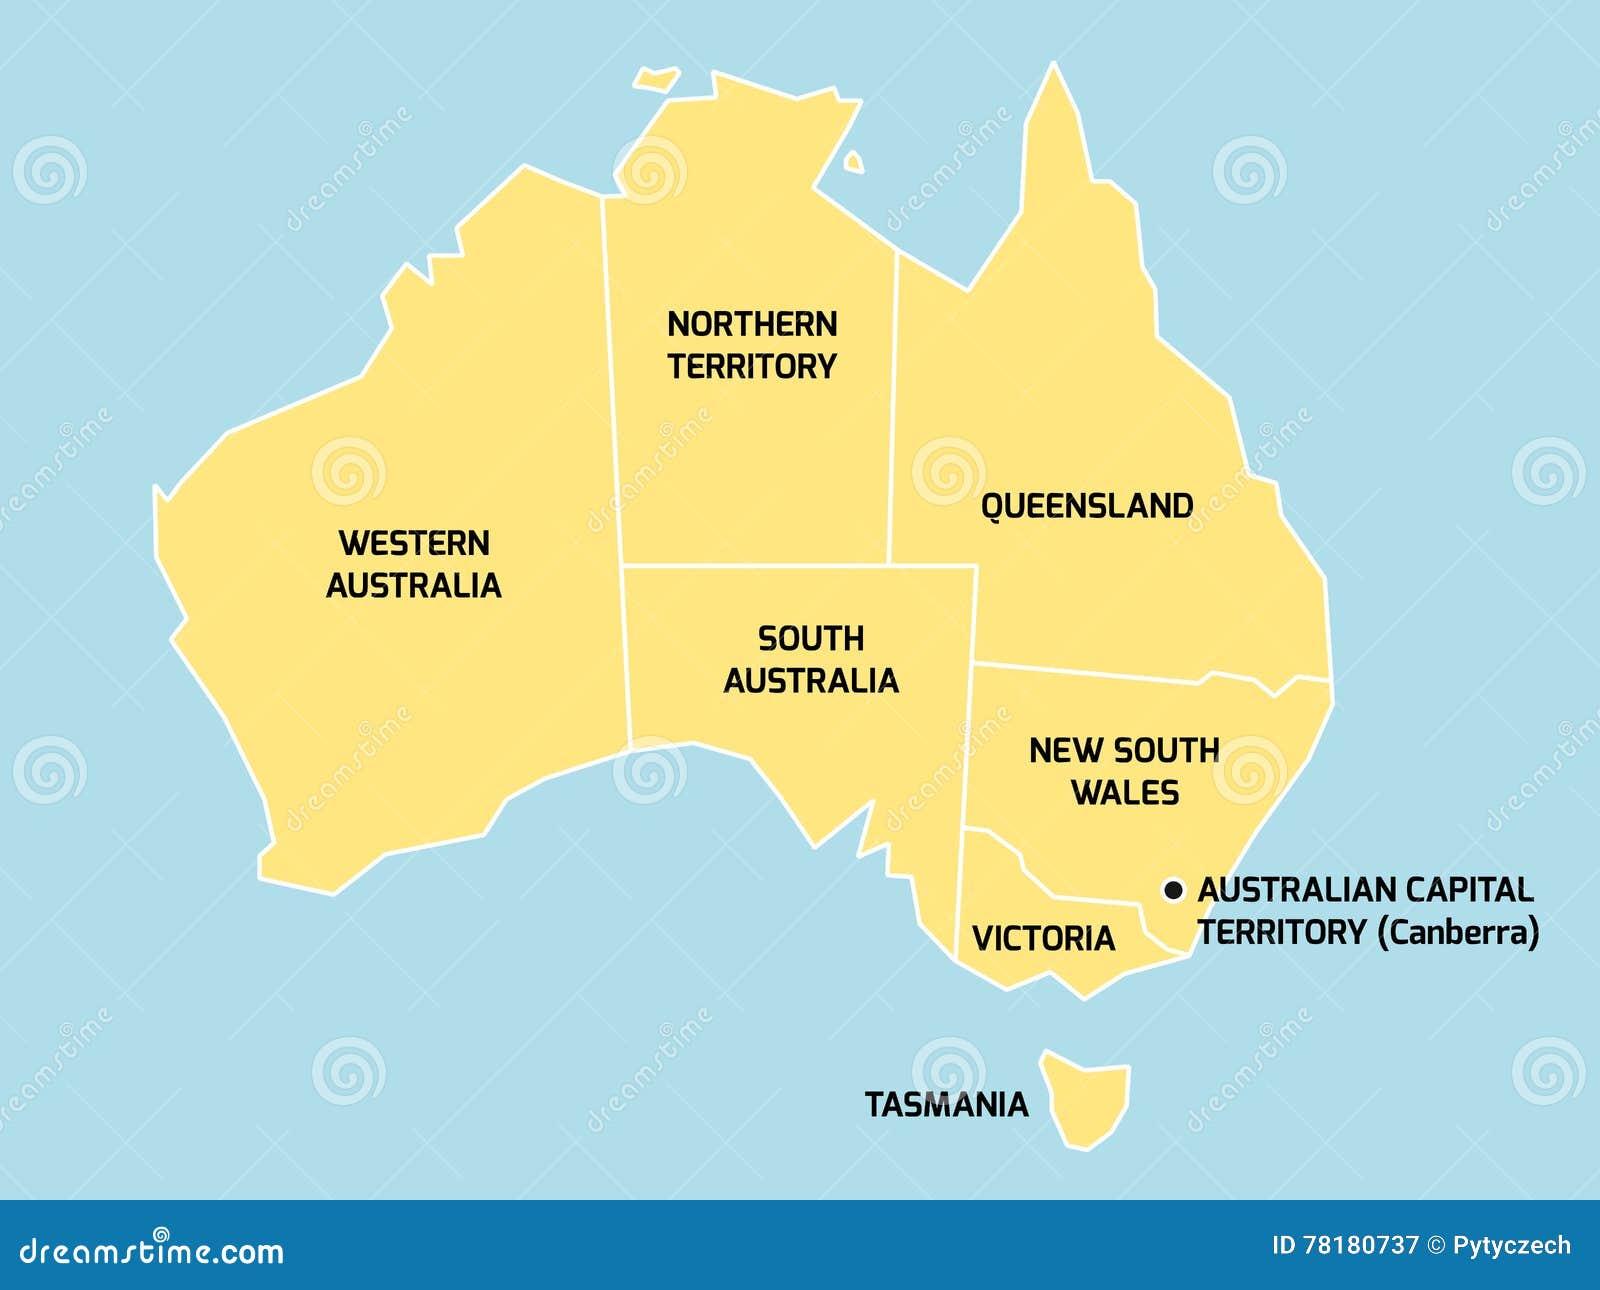 Carte Australie Etat.Carte D Australie Avec Des Etats Et Des Territoires